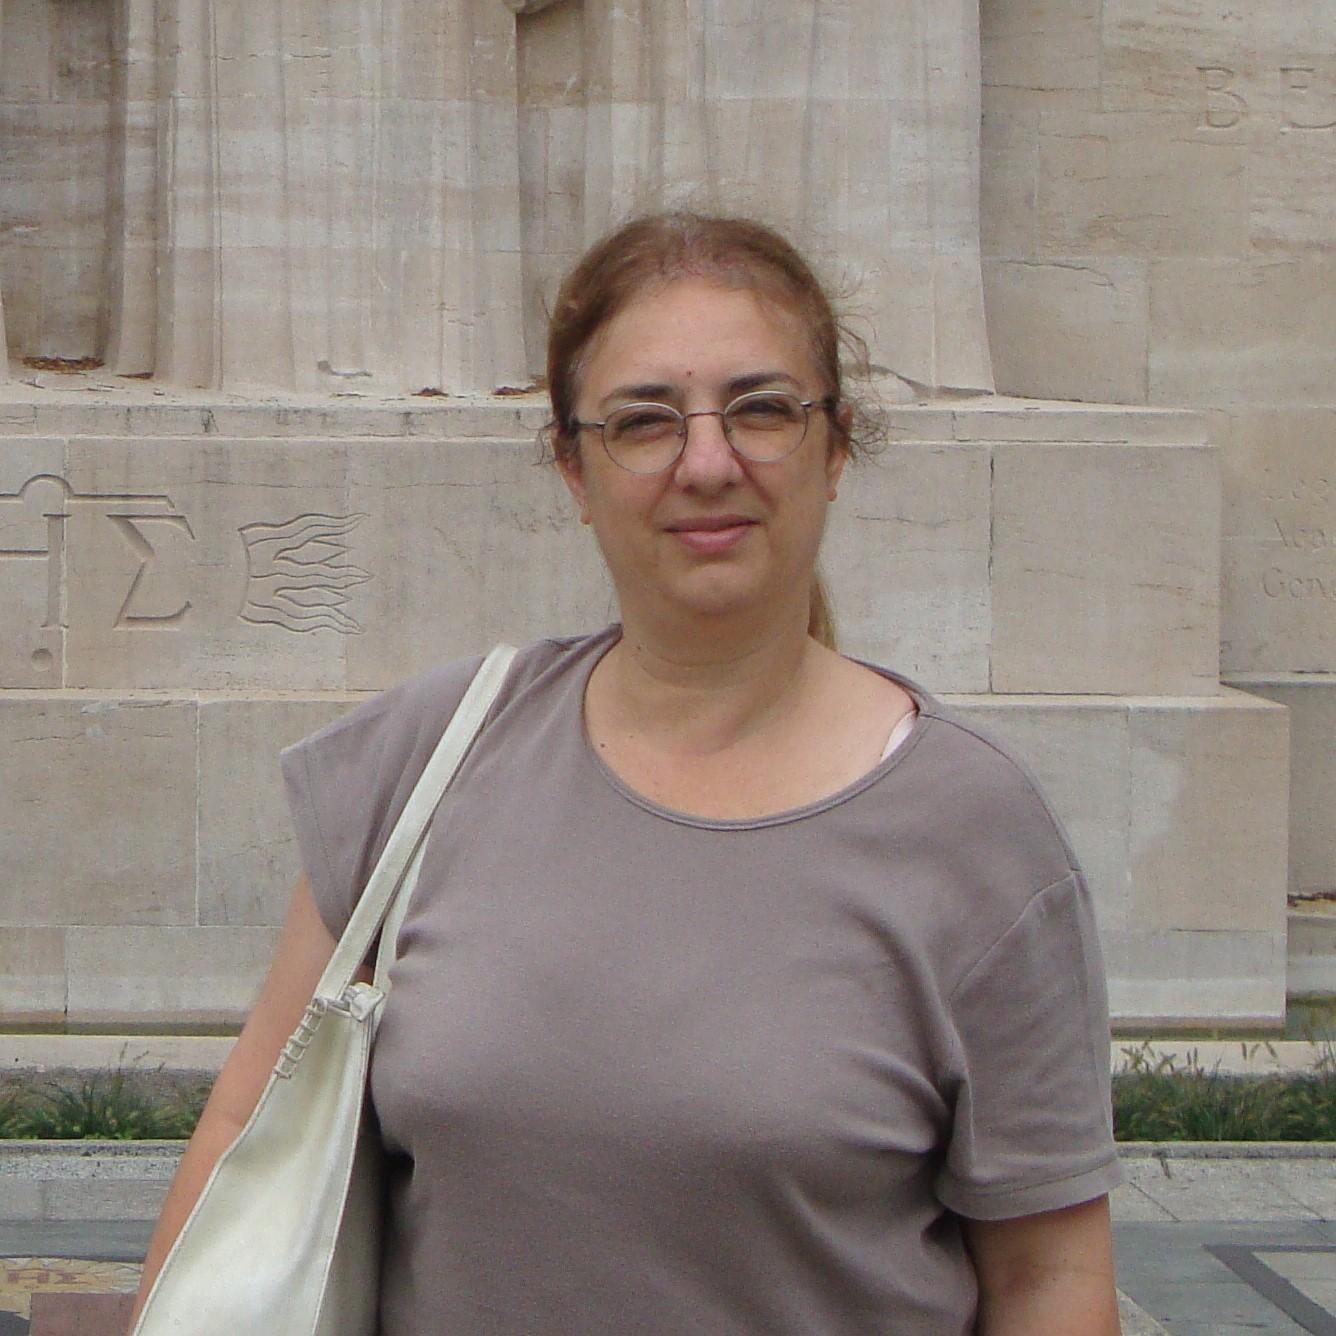 Orietta Albertini